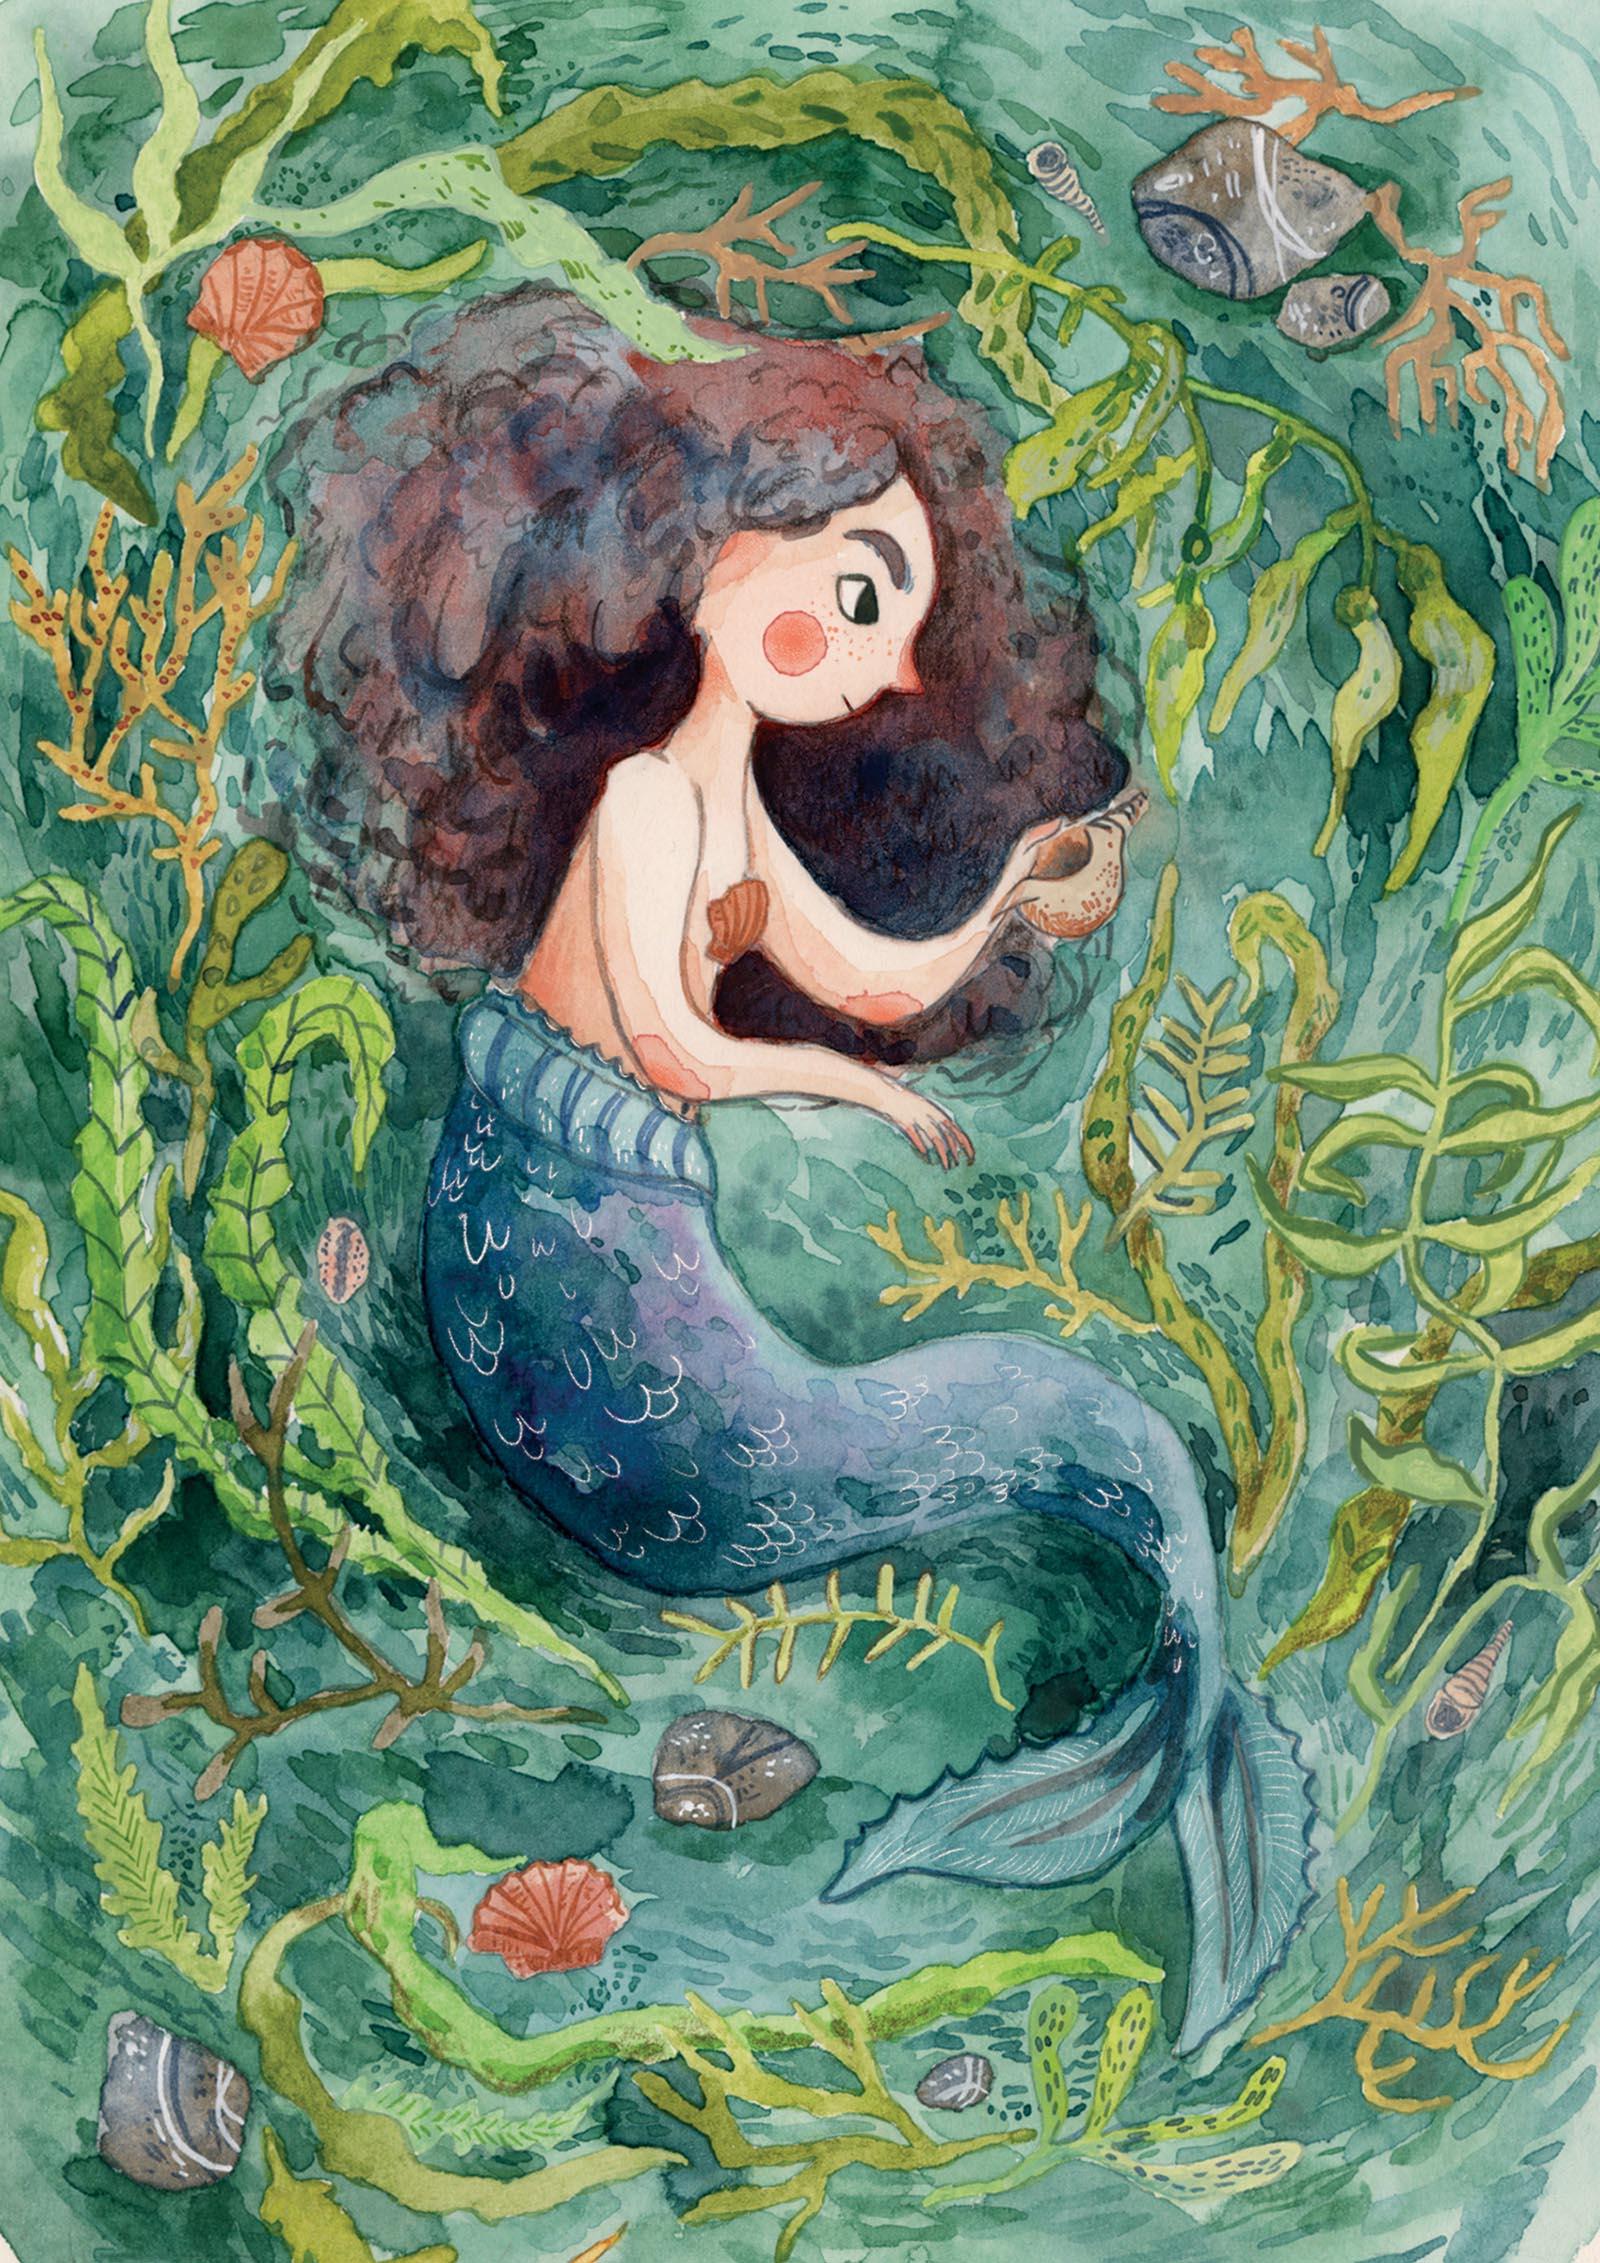 green-mermaid.jpg